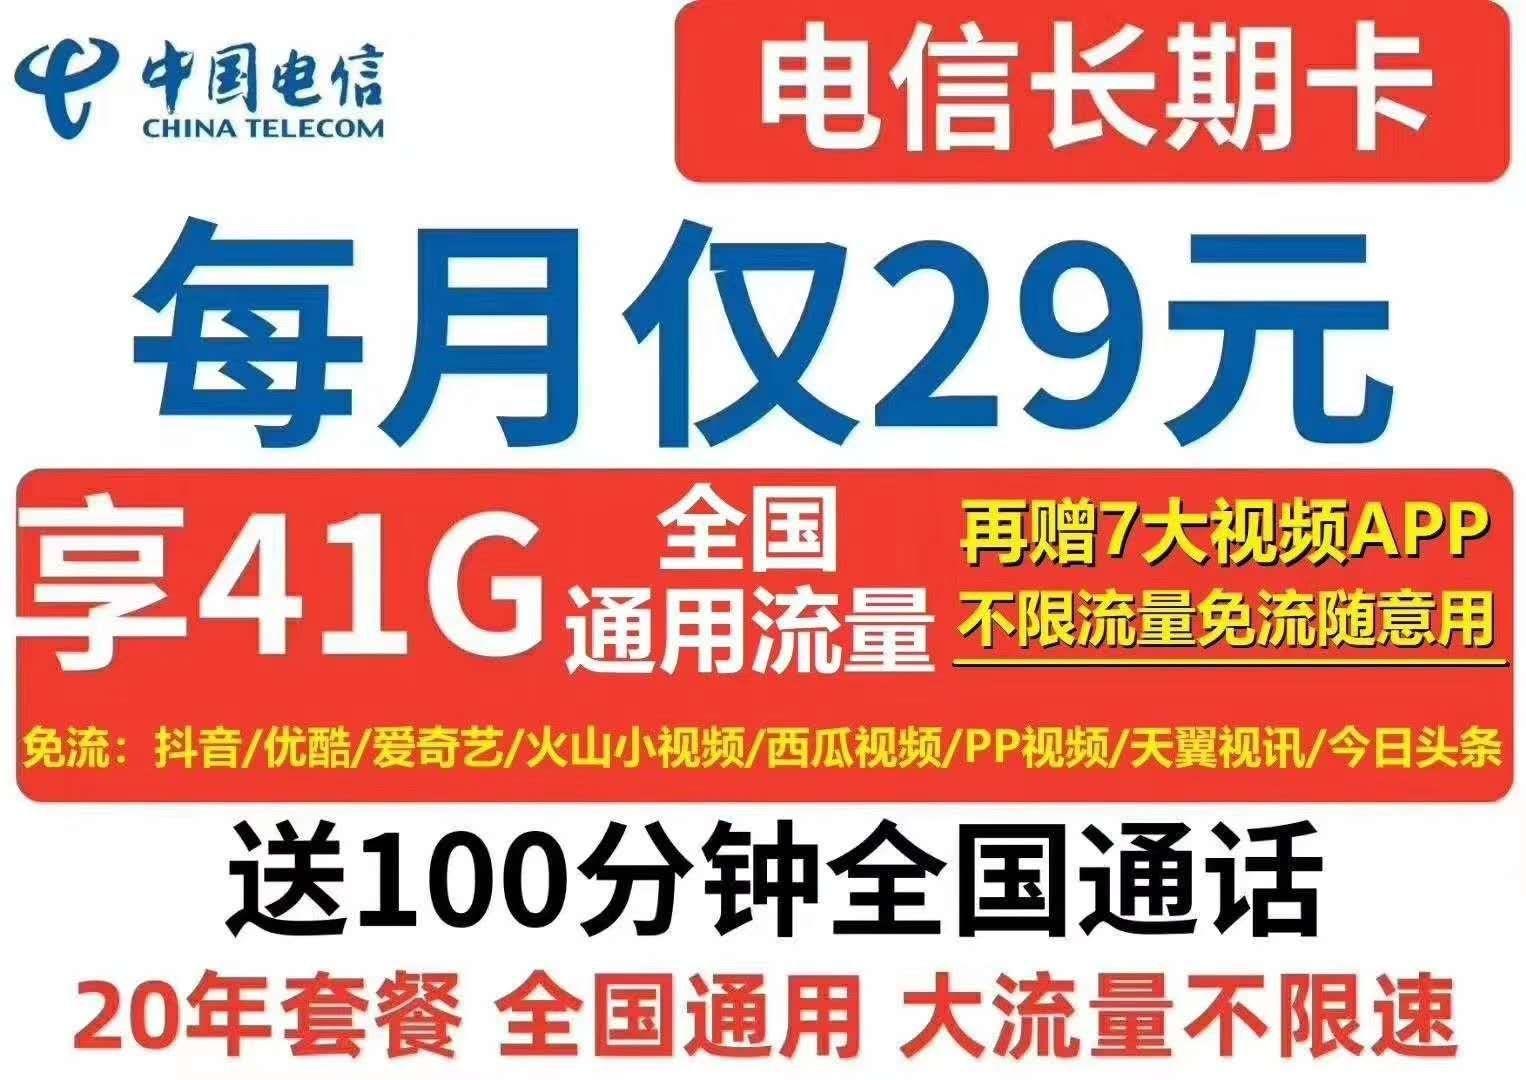 电信畅享卡月租29元=41G全国通用流量+不限速不限量定向流量+100分钟通话+长期套餐+不限年龄